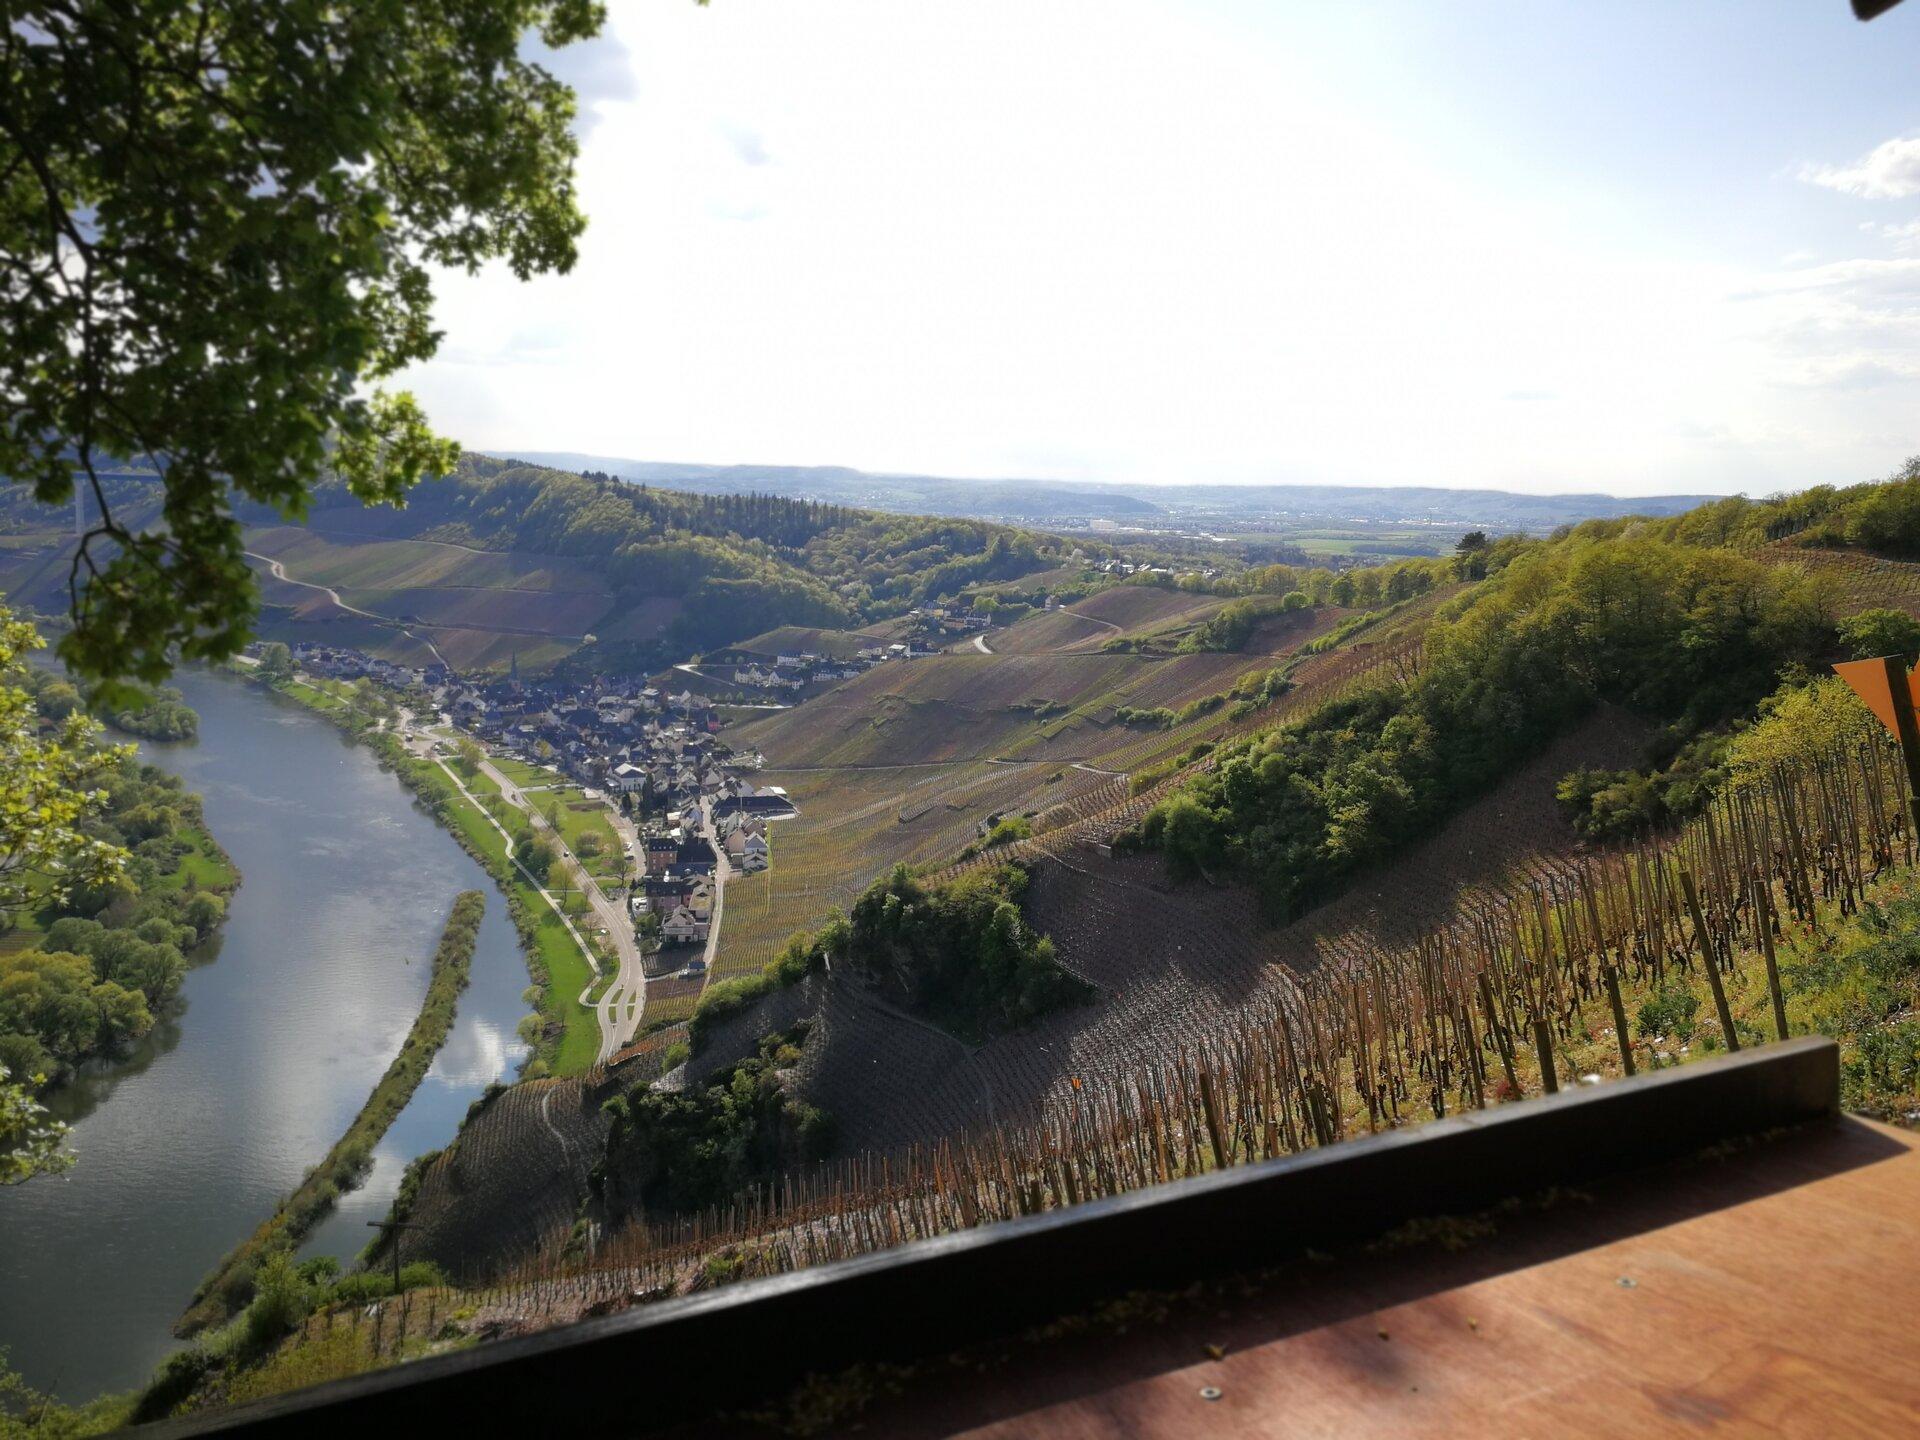 WeinWanderung in den steilen Weinbergen um Ürzig. Reservieren Sie Ihre Wanderung im WeinGut Benedict Loosen Erben, wir zeigen Ihnen gern idylische Plätze und vermitteln Steillagen-Feeling mit Rieslingprobe